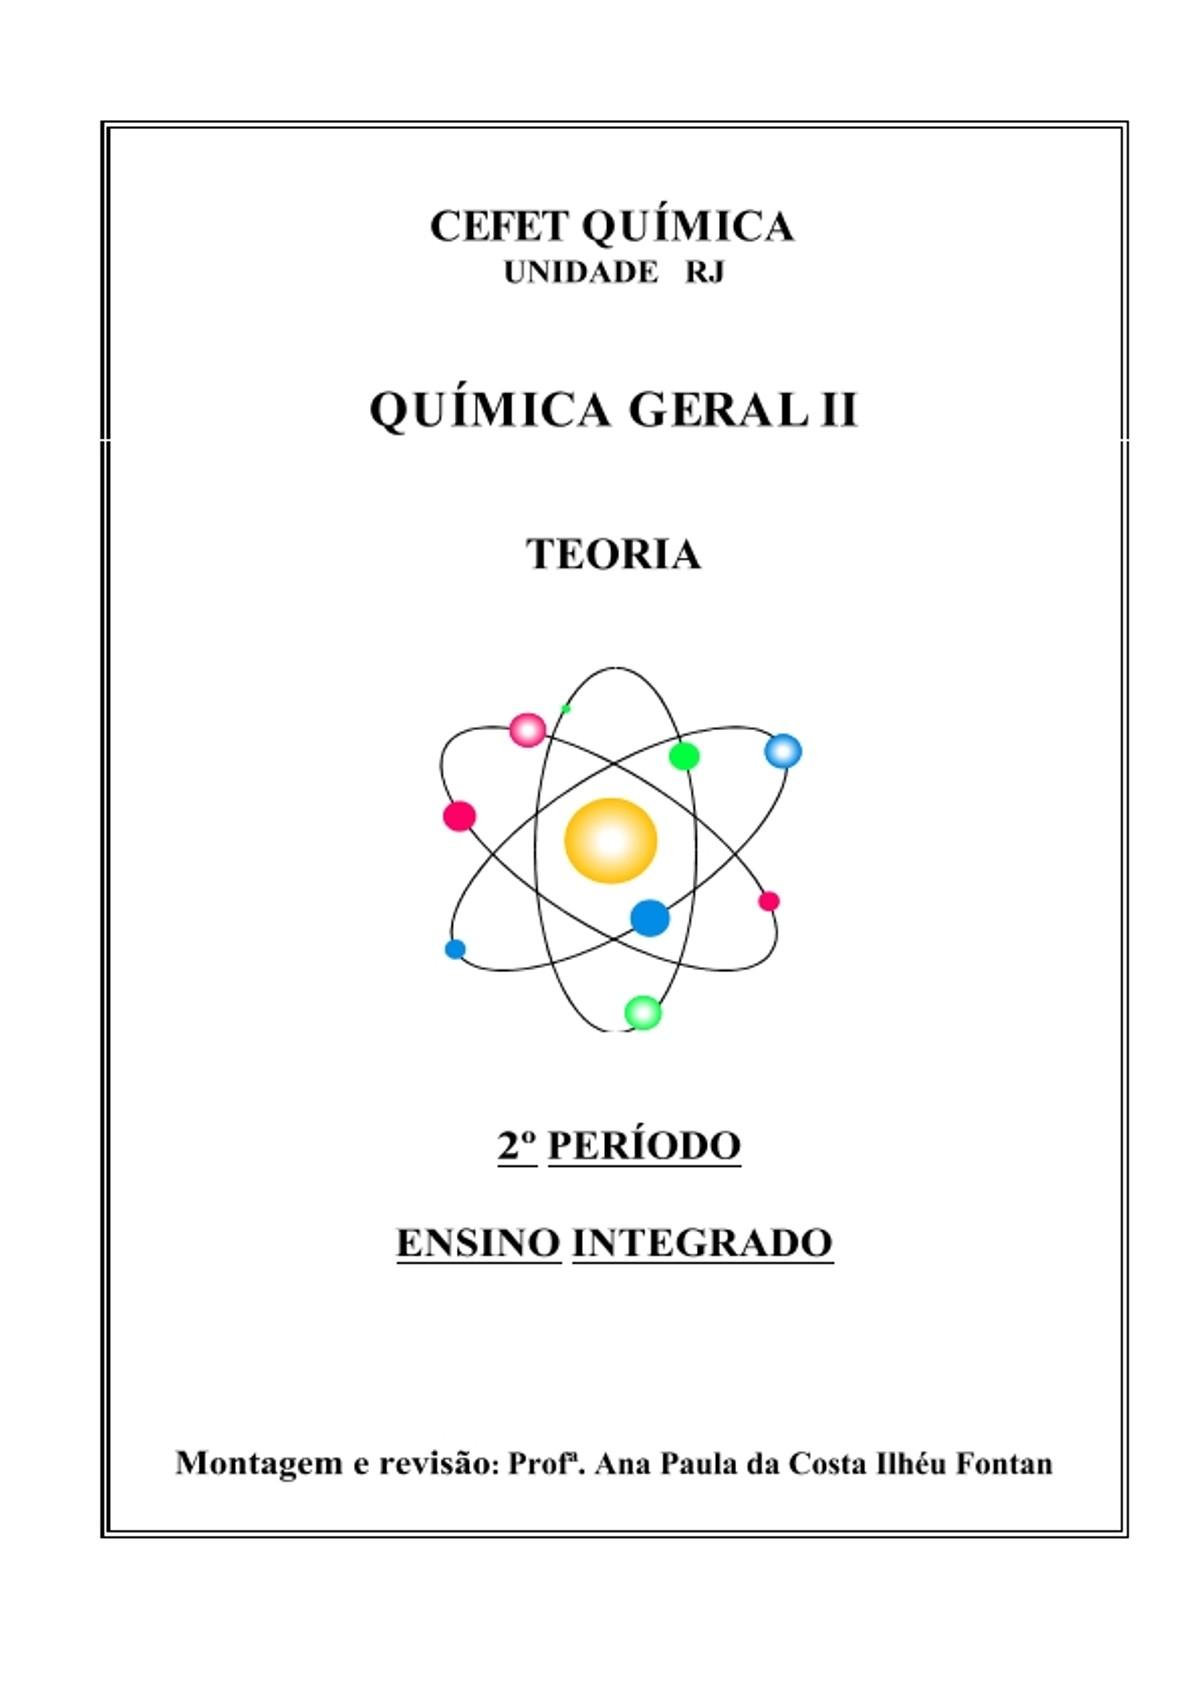 Pre-visualização do material Apotila IFRJ GERAL II - página 1